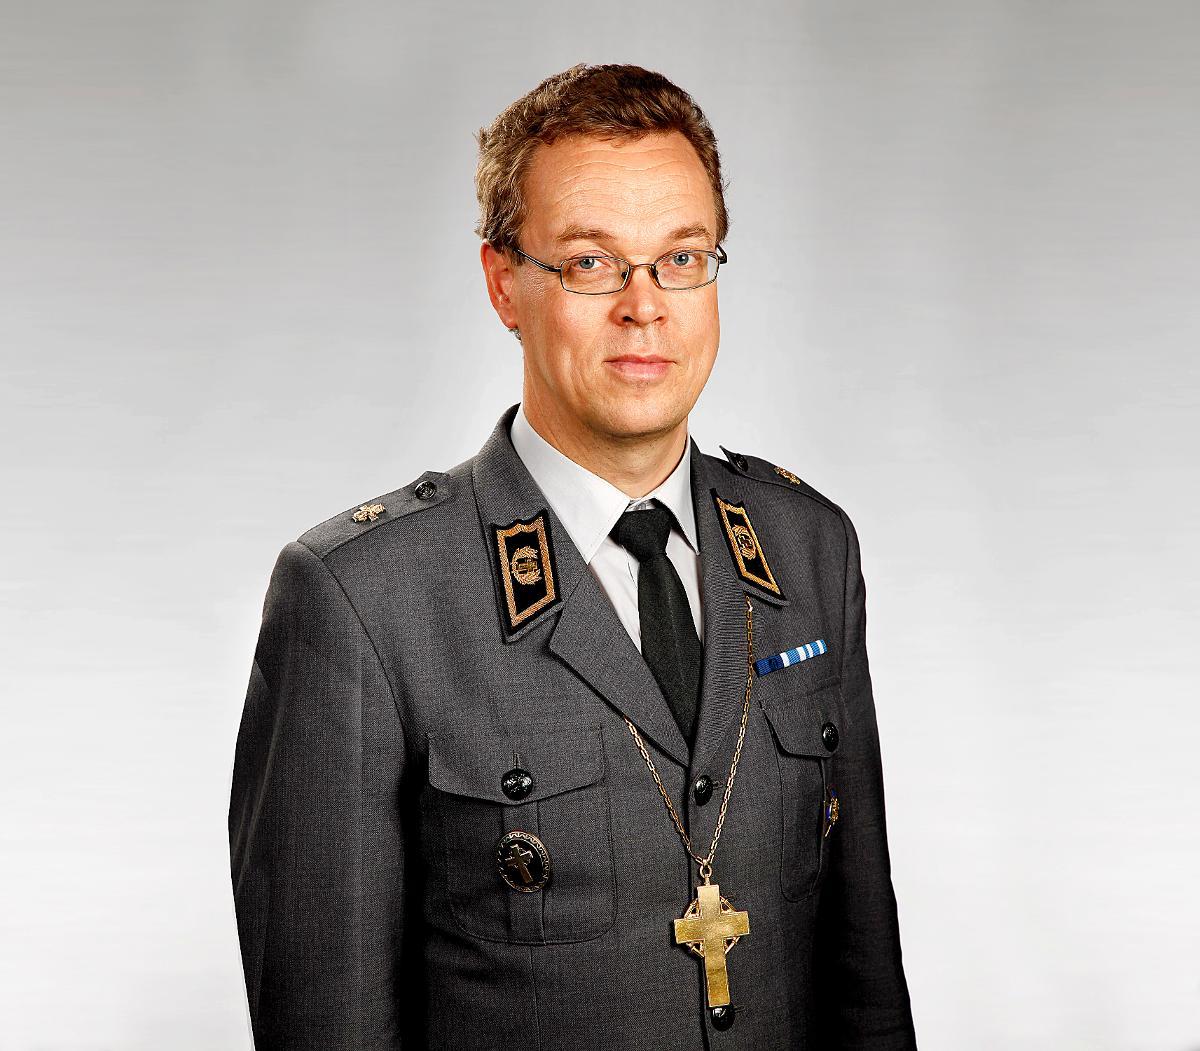 Kuva: Kenttäpiispa Pekka Särkiö